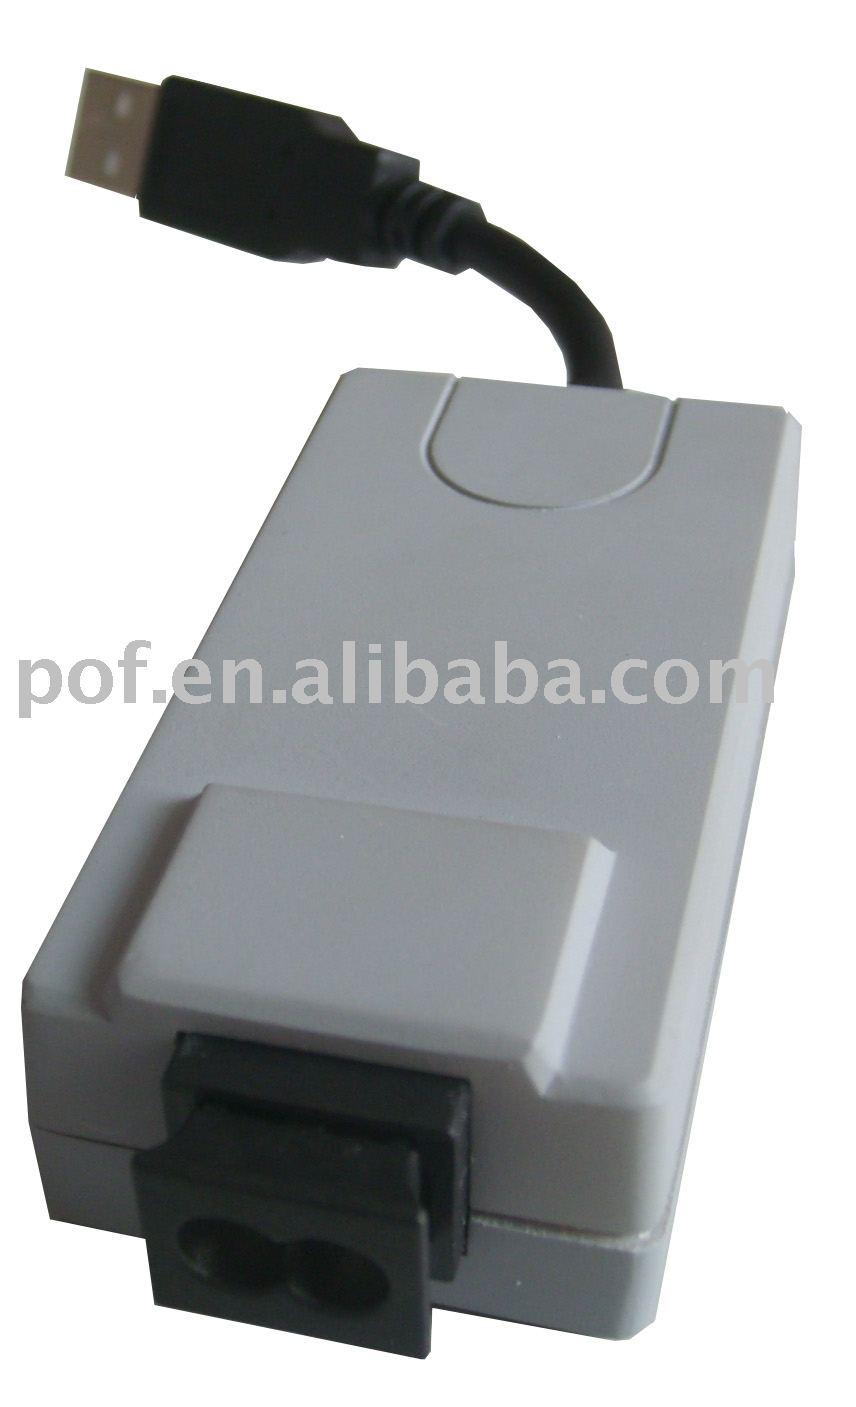 POF USB media converter